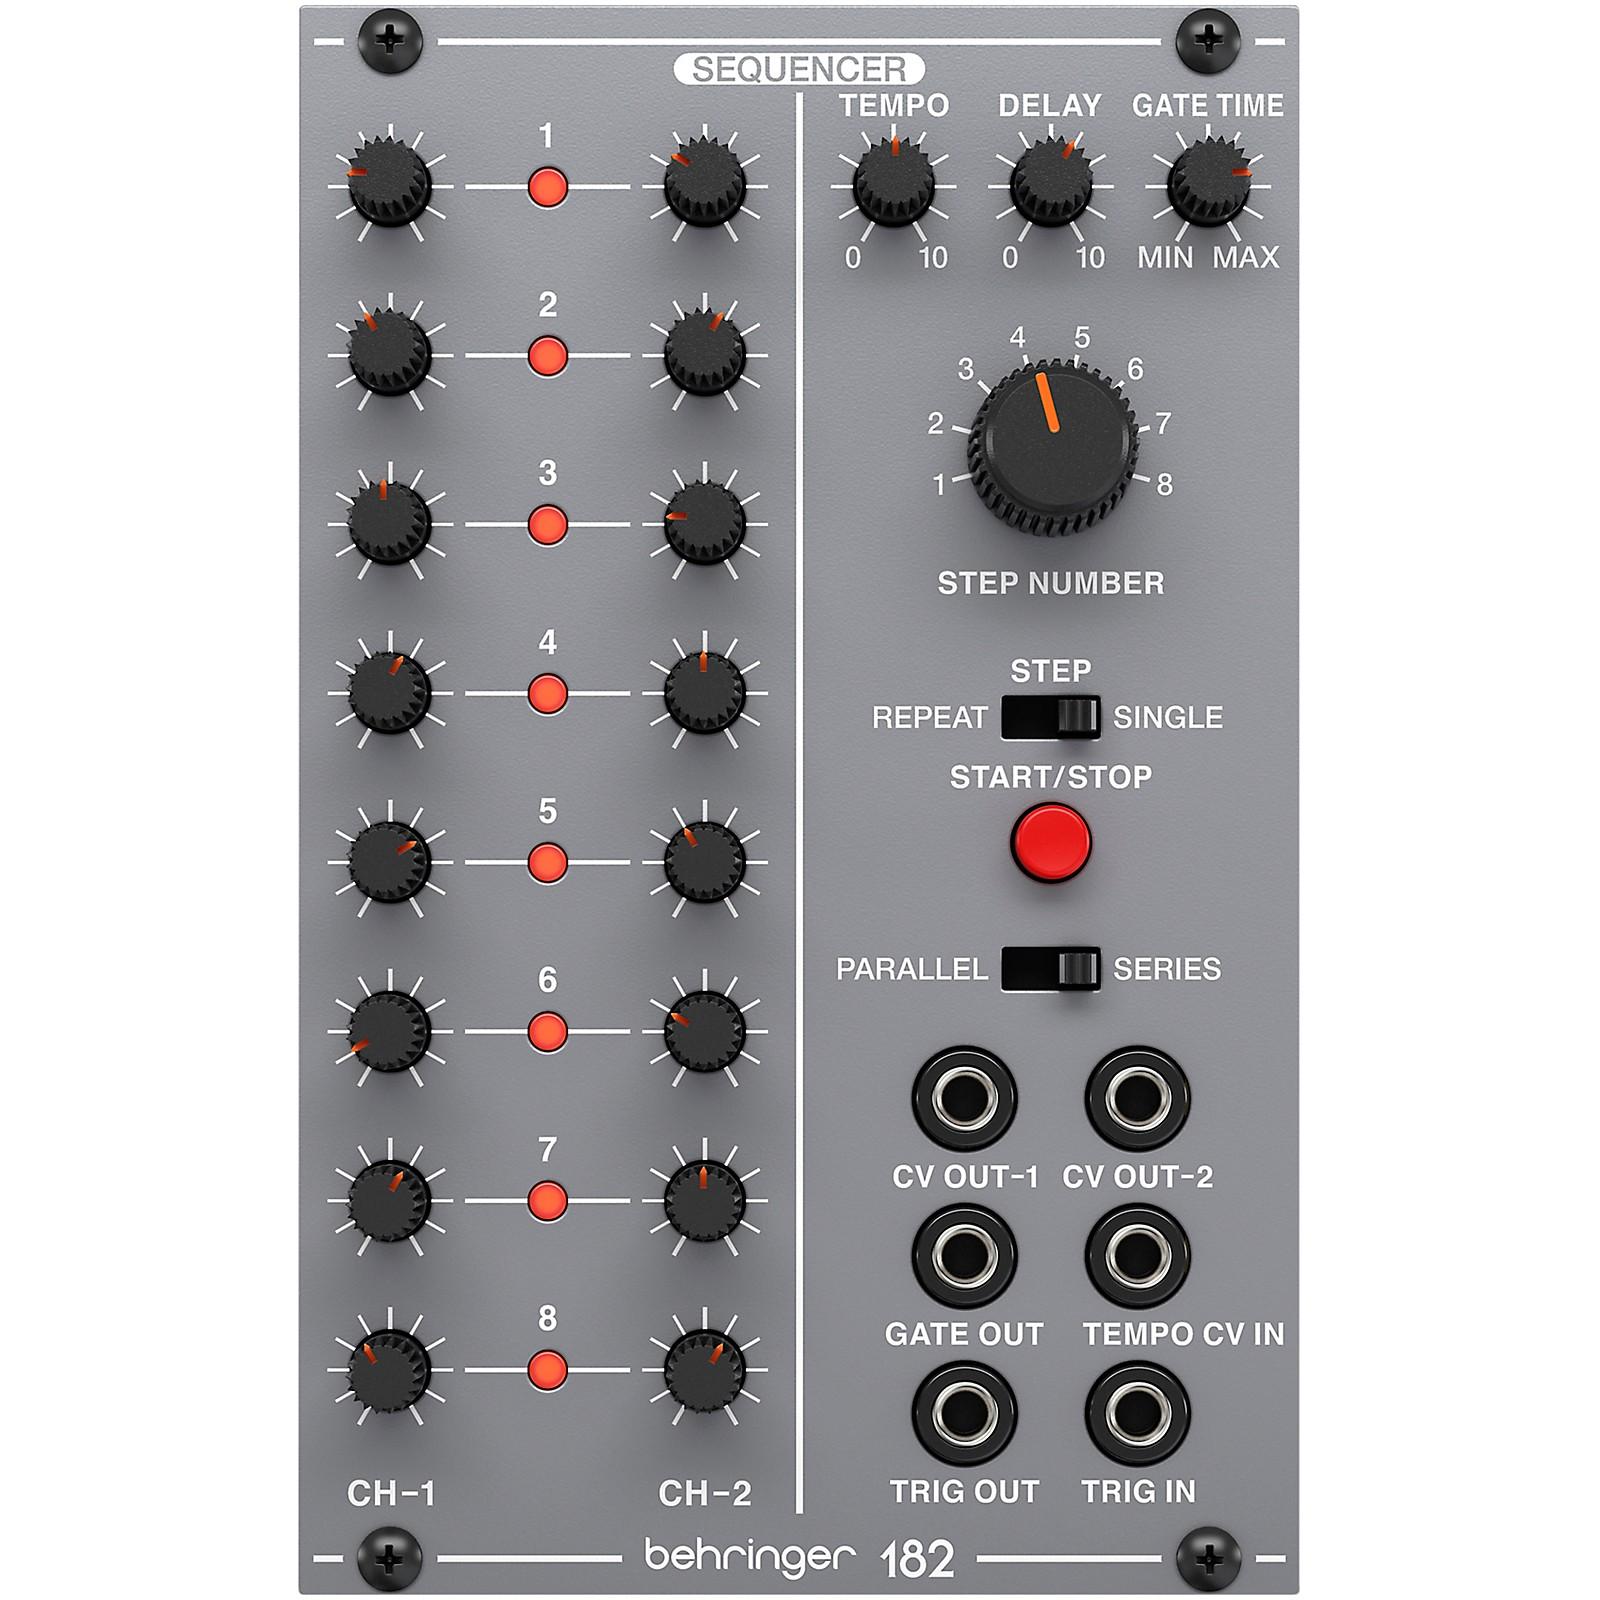 Behringer 182 Sequencer Eurorack Module